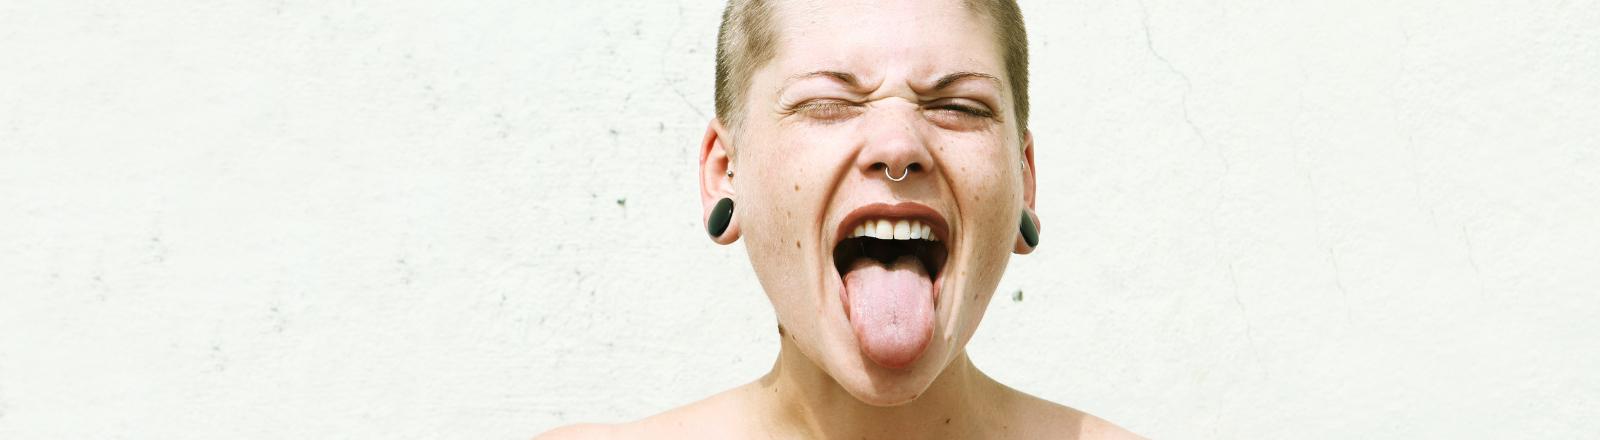 Frau steckt fröhlich ihre Zunge raus